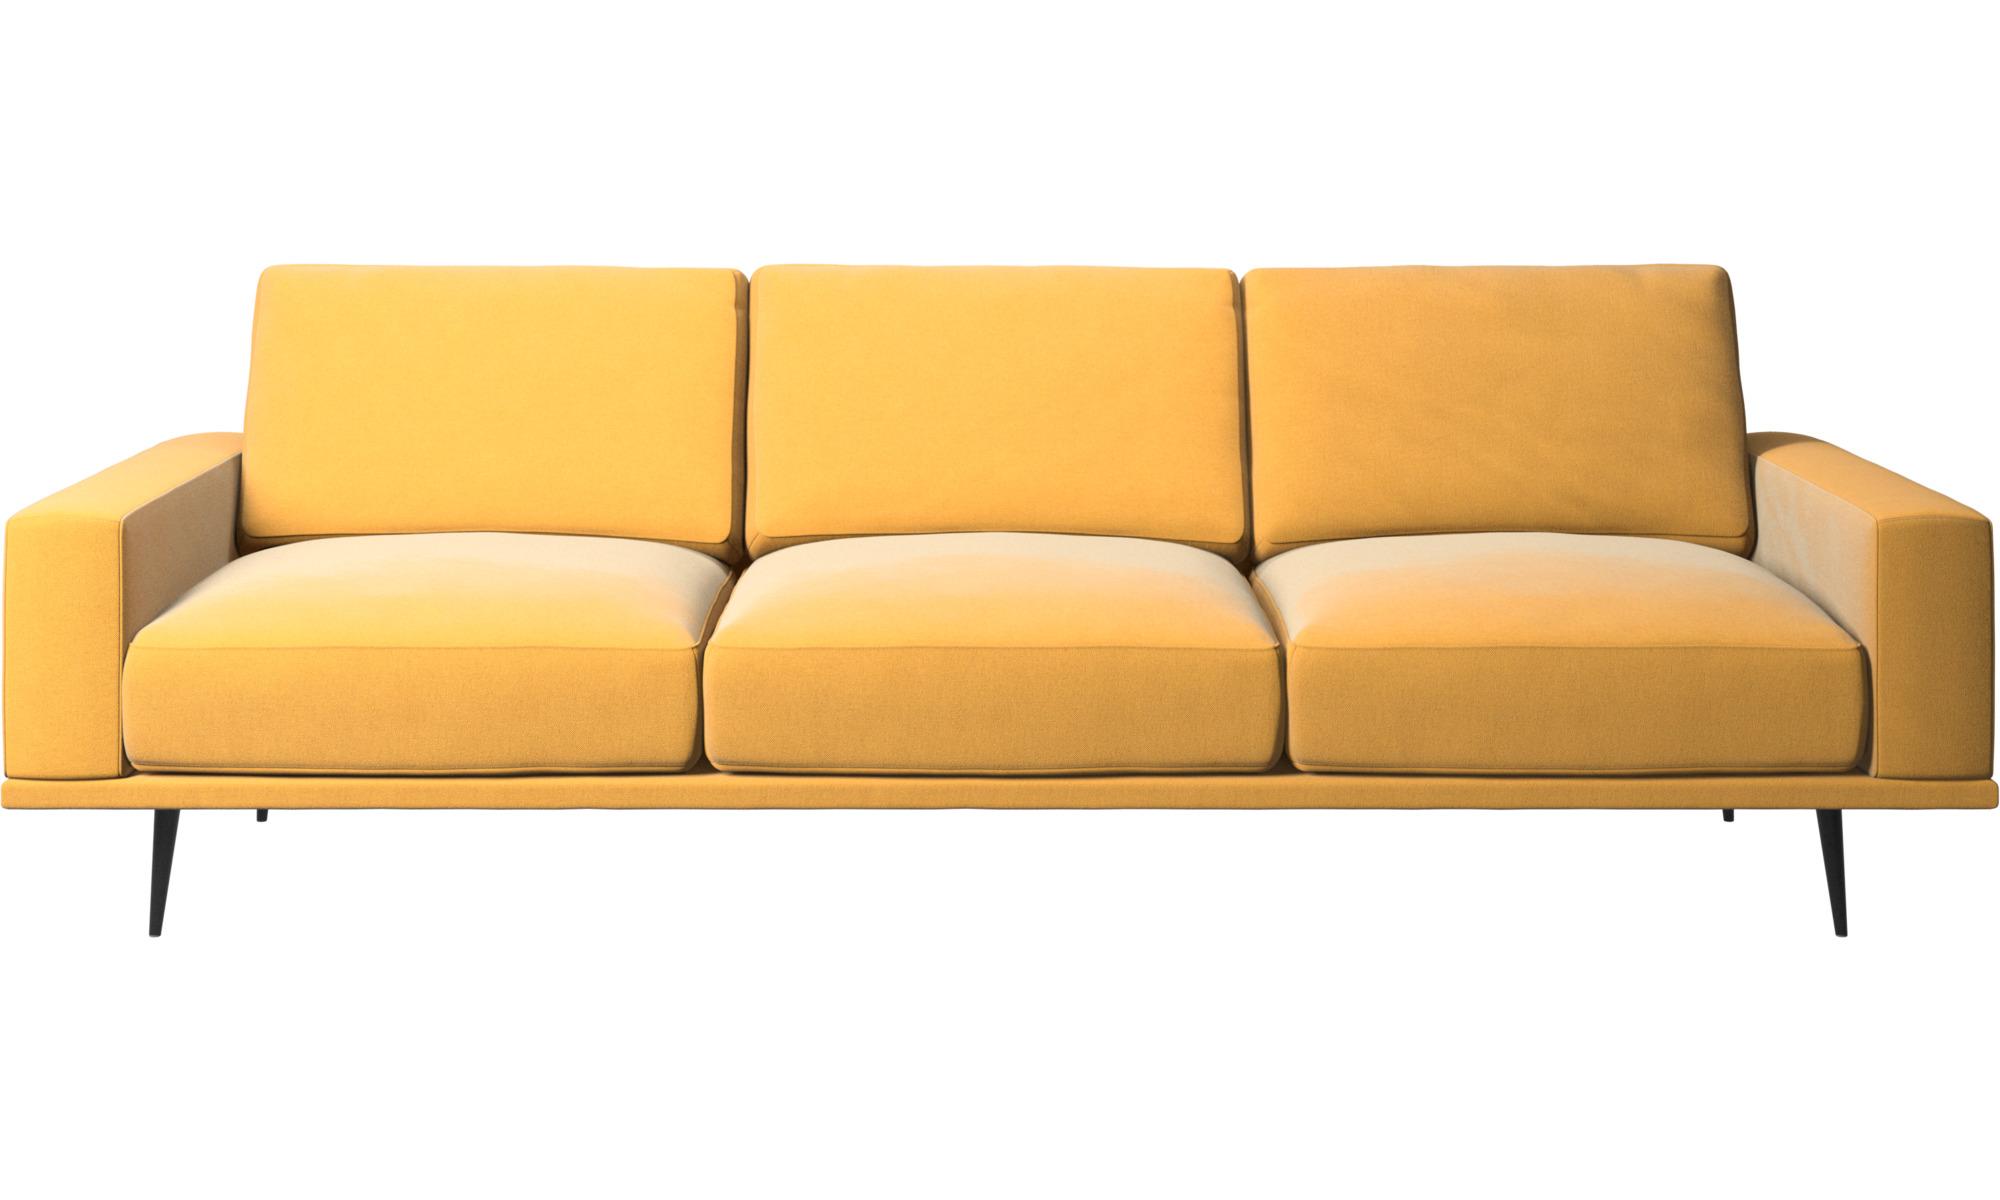 Full Size of Gelbe Sofas Boconcept Lounge Sofa Garten Led Graues Bora Erpo Gelb Englisches Polster Reinigen 2er Schilling Liege Sofort Lieferbar 2 5 Sitzer Sofa Sofa Gelb